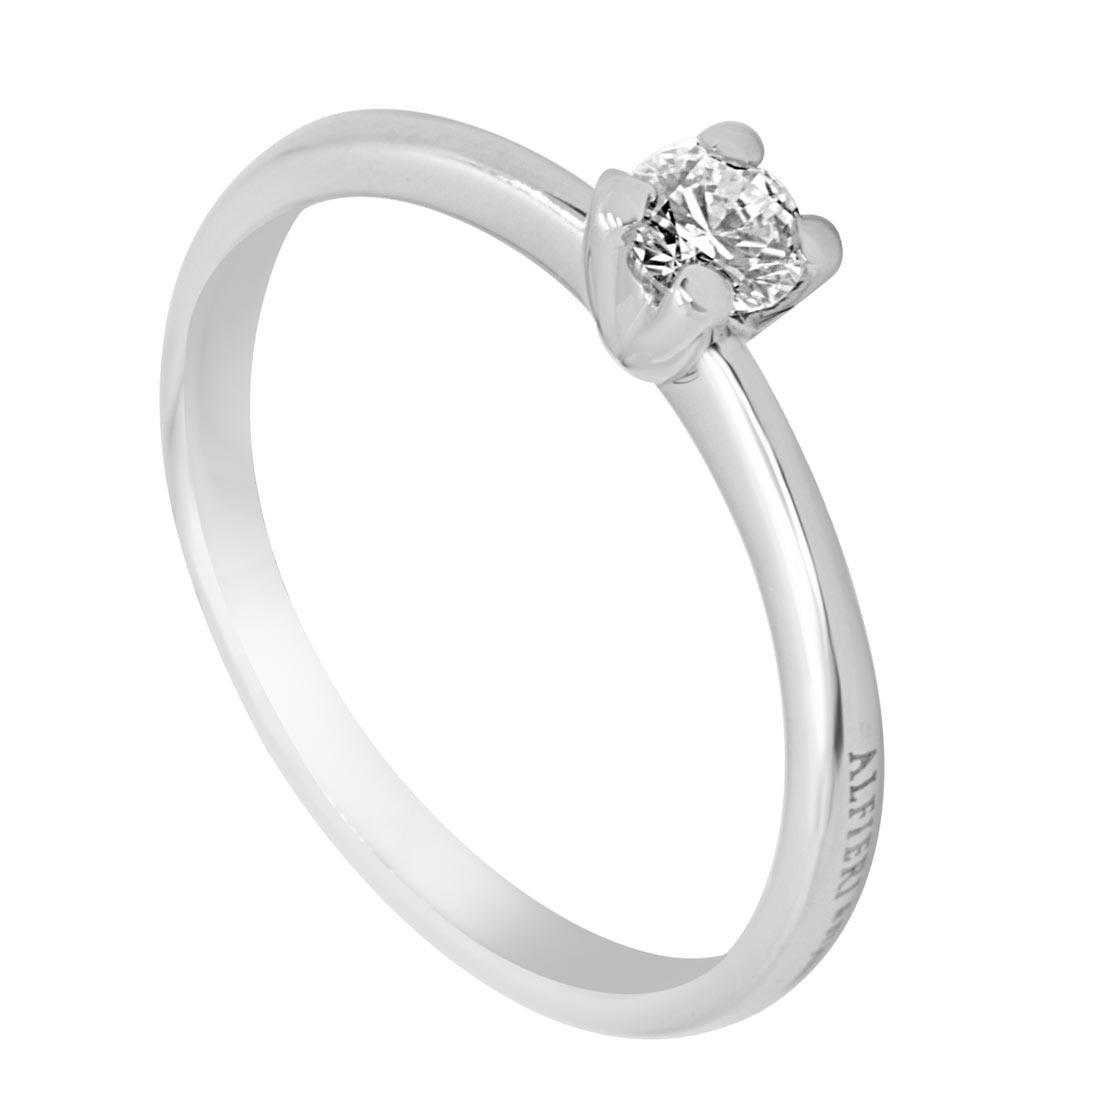 Anello solitario in oro bianco con diamante 0,22 ct mis 13 - ALFIERI & ST. JOHN